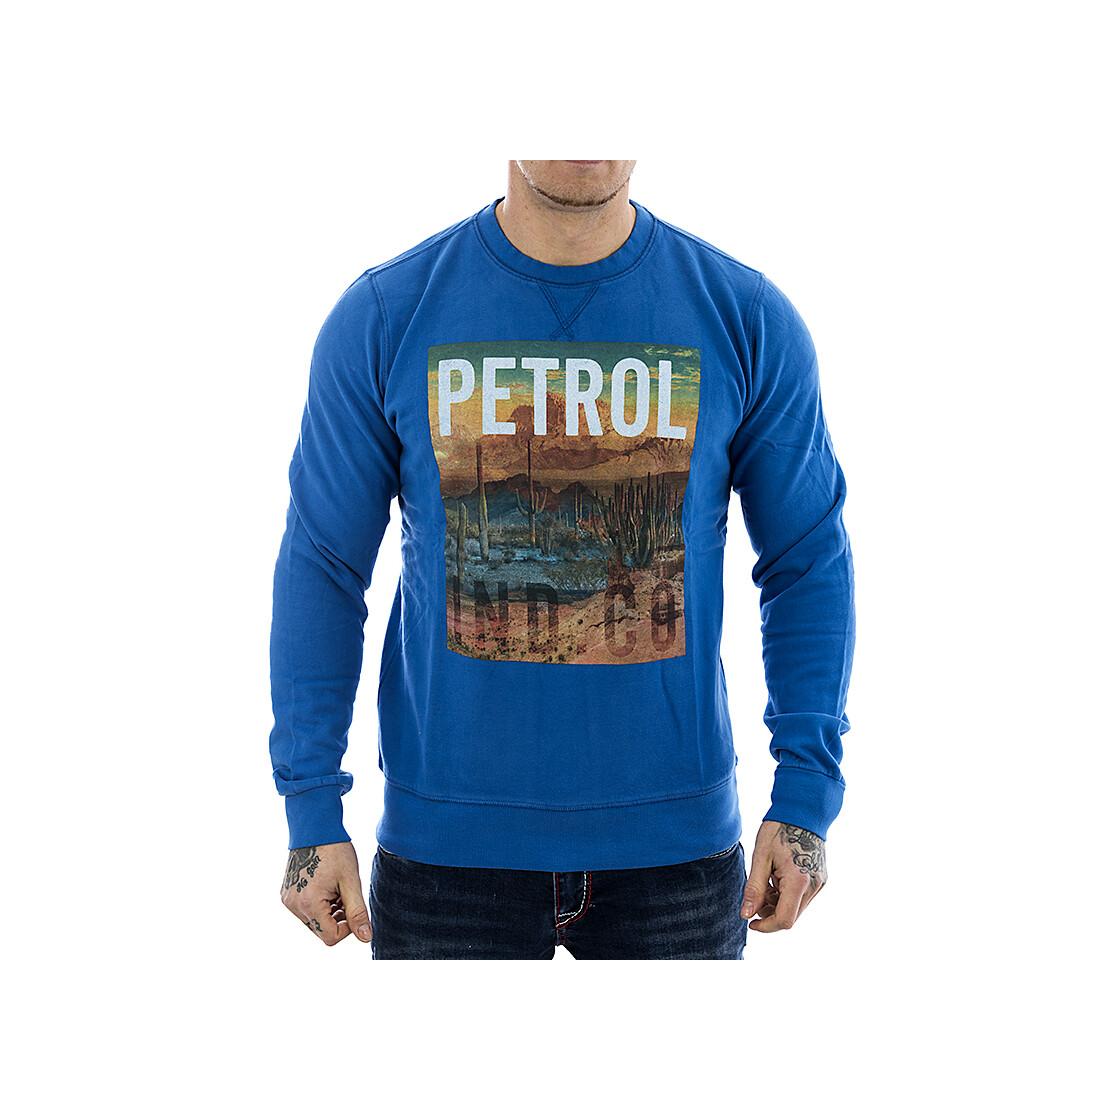 petrol industries sweatshirt swr 859 blau. Black Bedroom Furniture Sets. Home Design Ideas